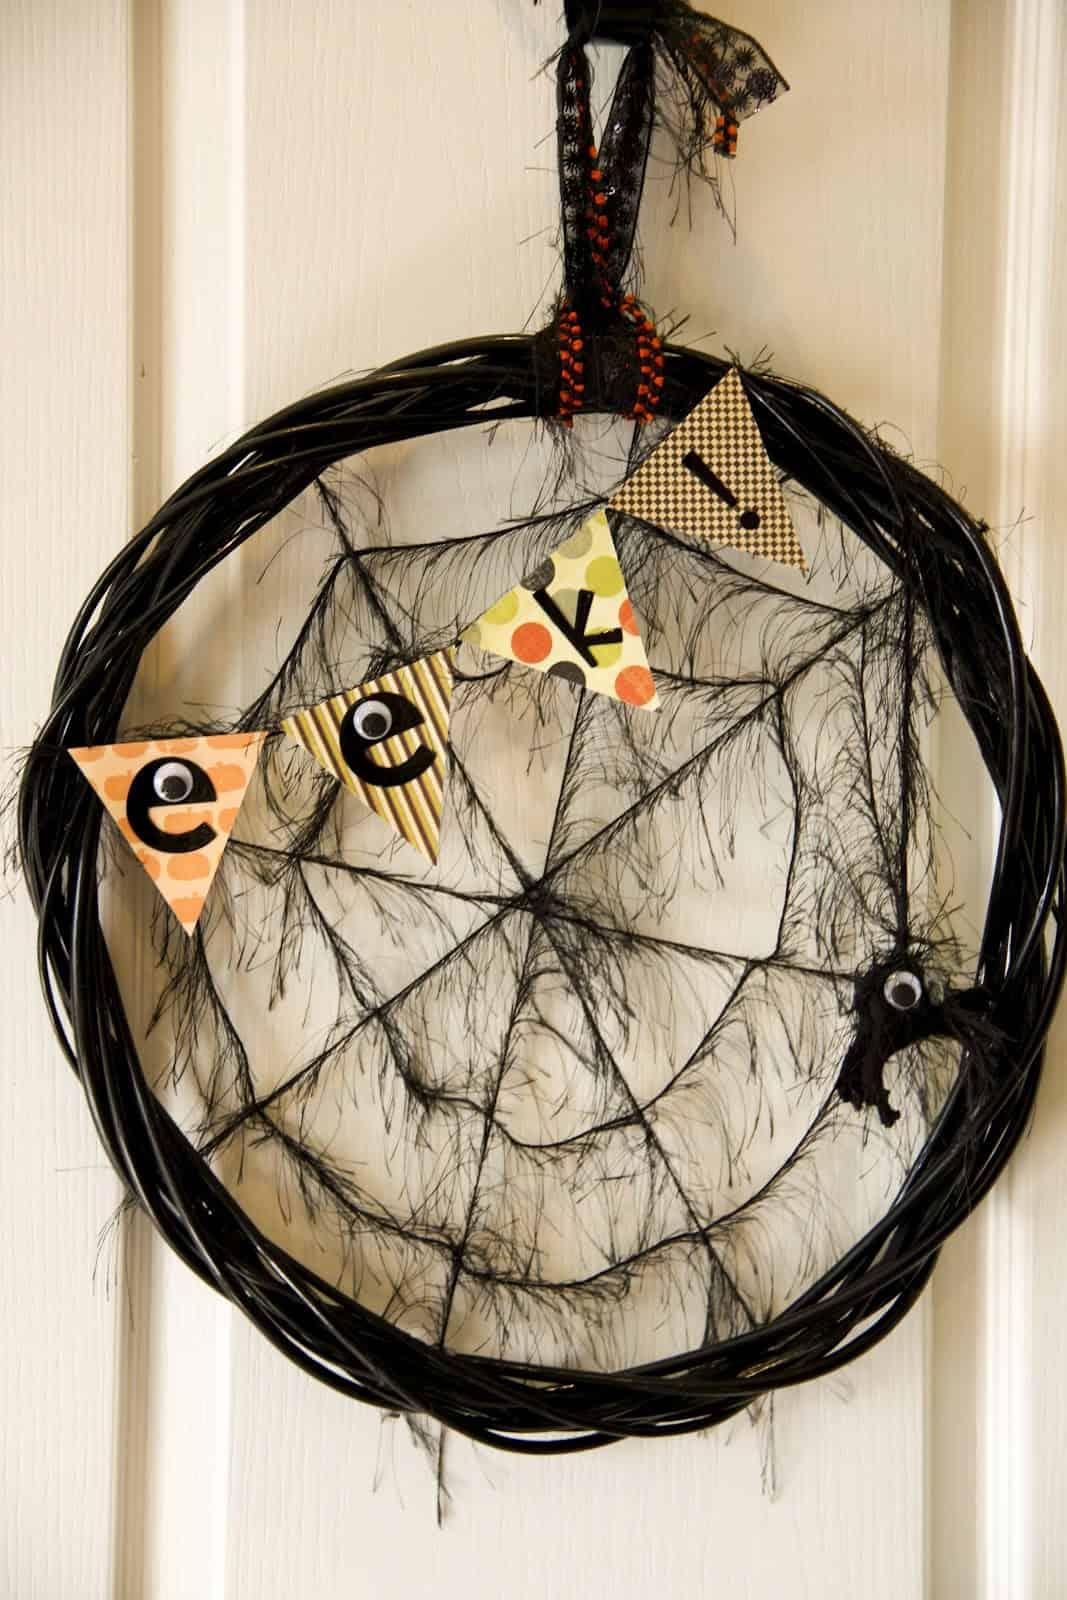 Black spider web with eek! sign door Halloween decoration